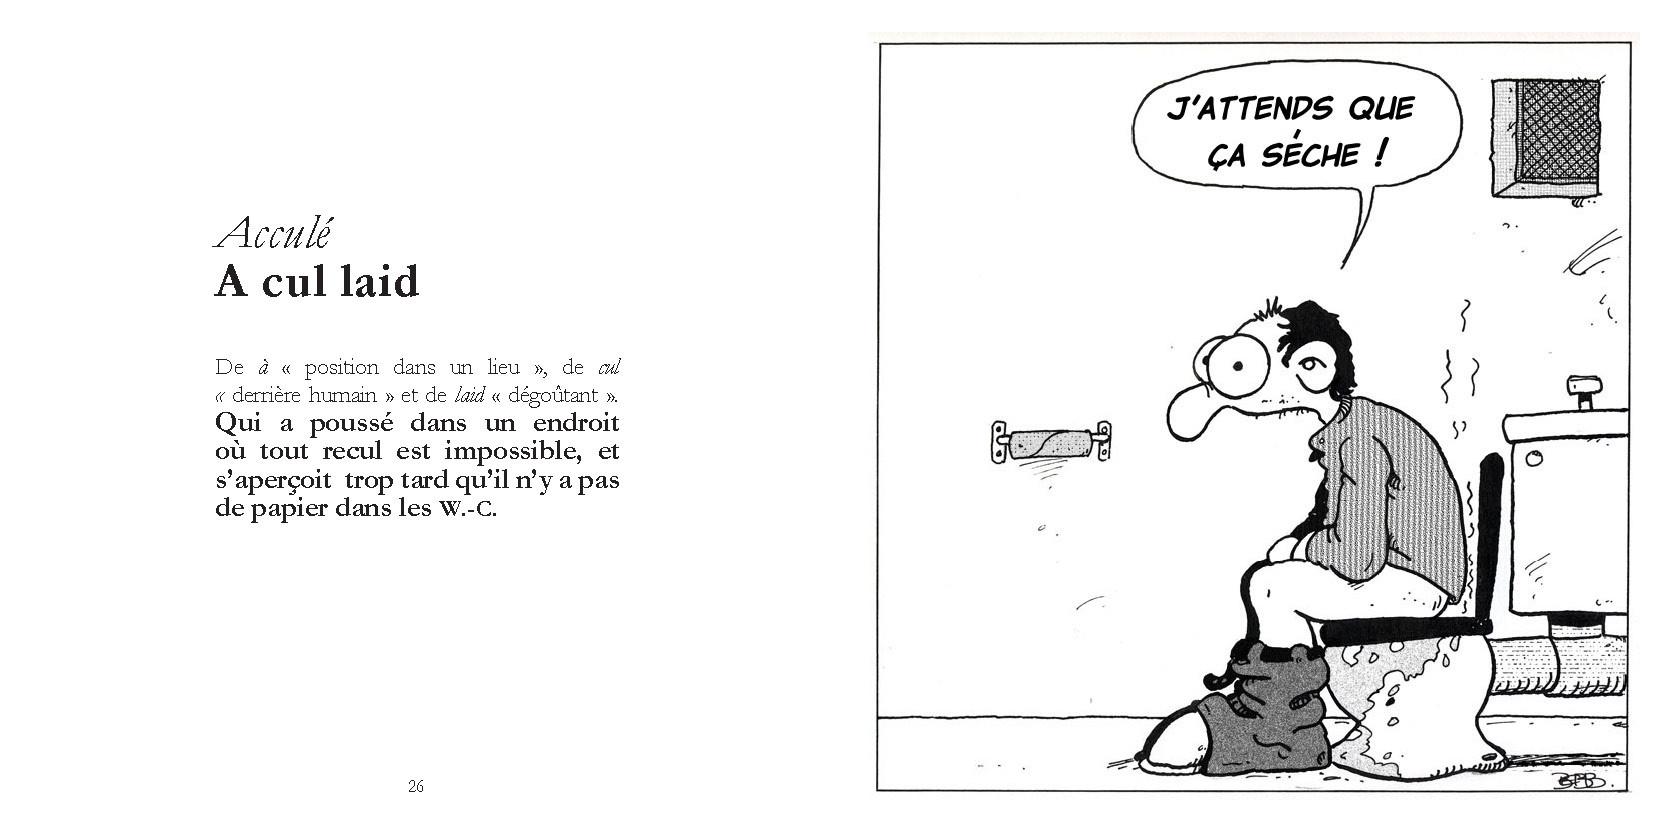 Acculé - A cul laid / P26-27 du Bestof 1 / Texte Edith - Dessin Bebb / Droits réservés   Reproduction interdite